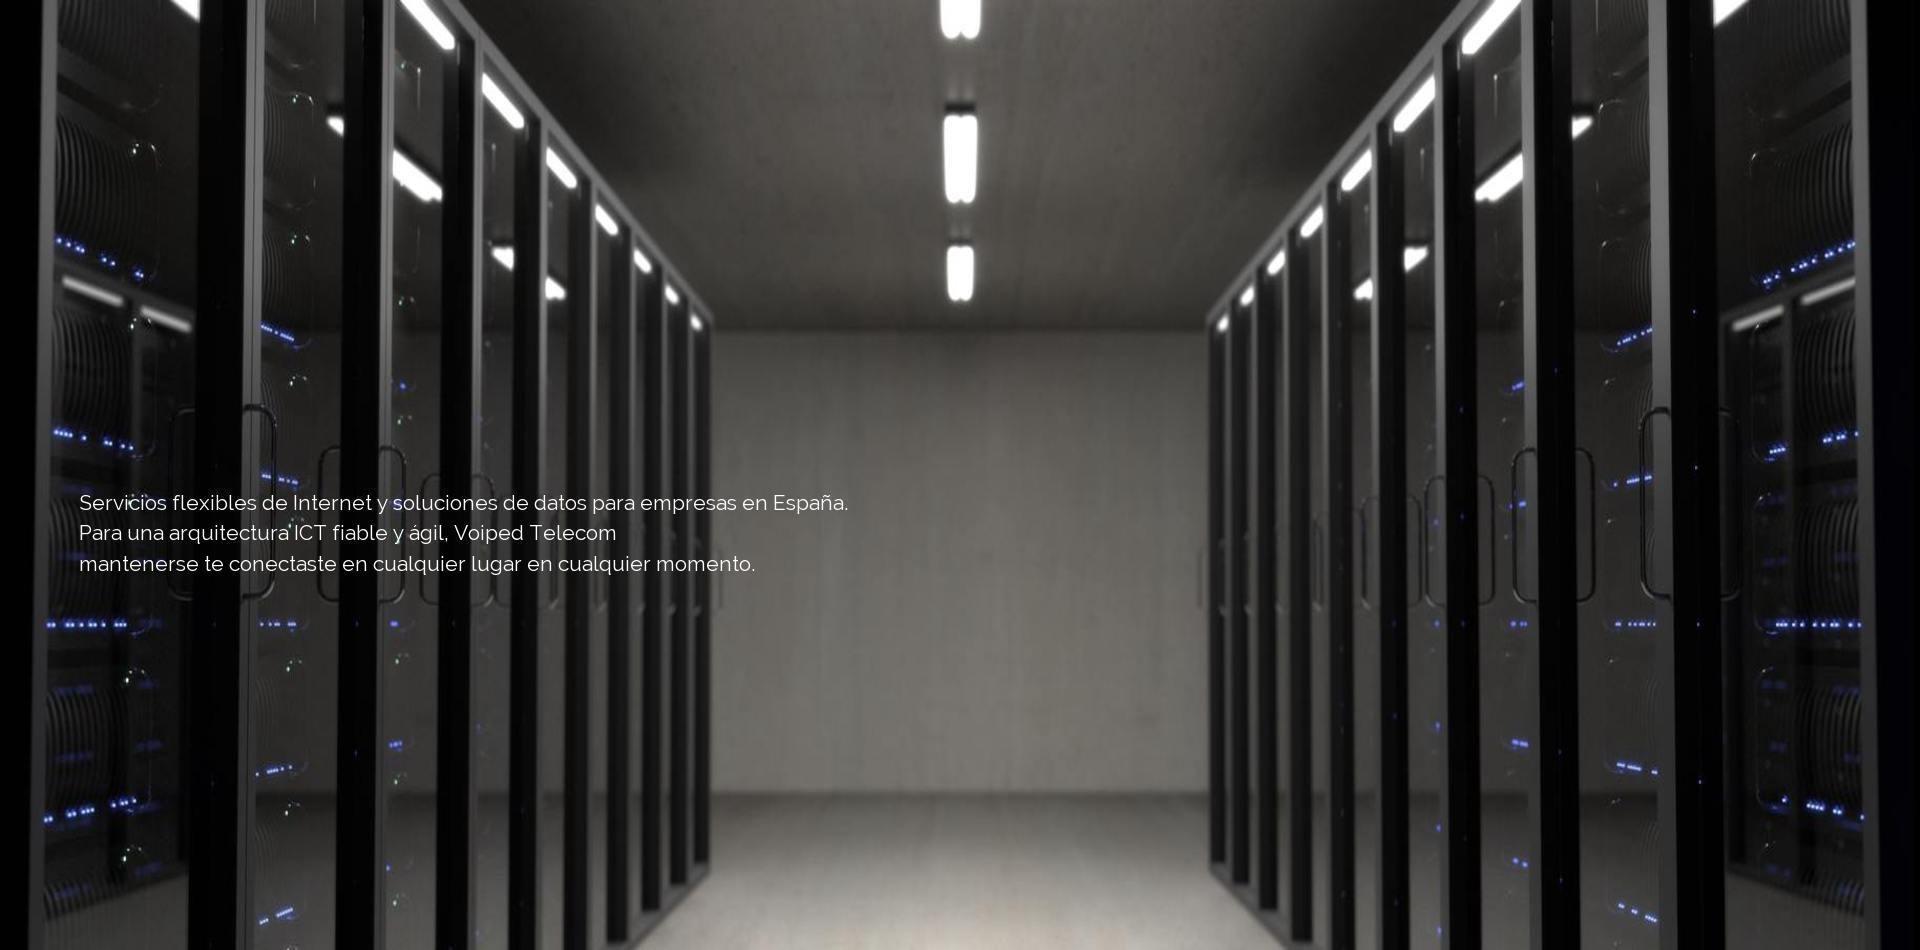 Soluciones Hybrid ICT y Servicios de Datos, España